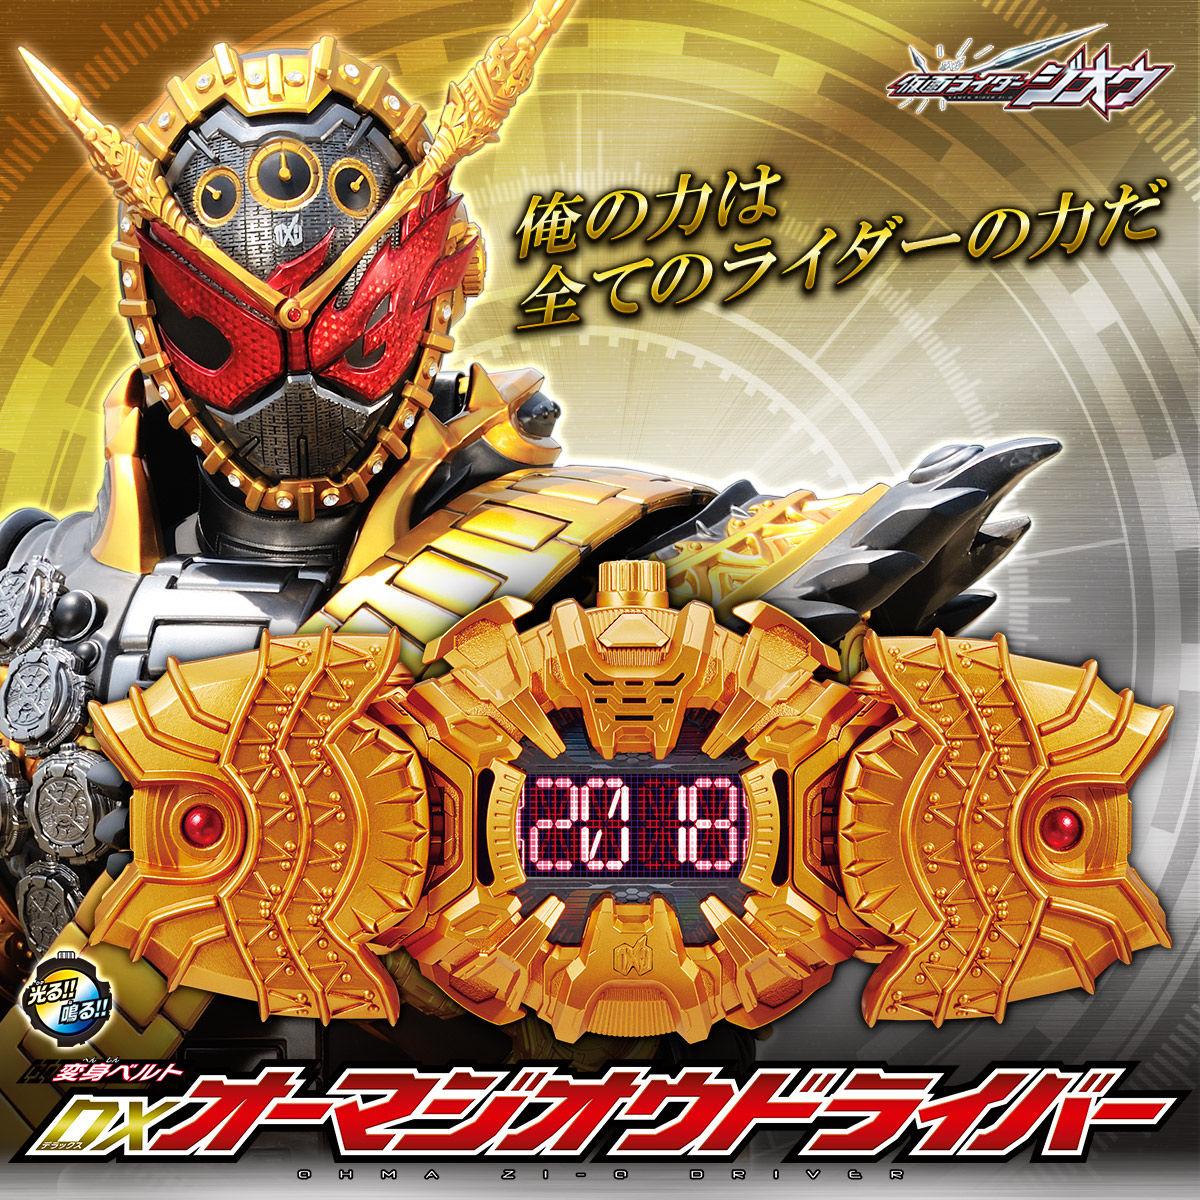 【限定販売】仮面ライダージオウ『DXオーマジオウドライバー』変身ベルト-001